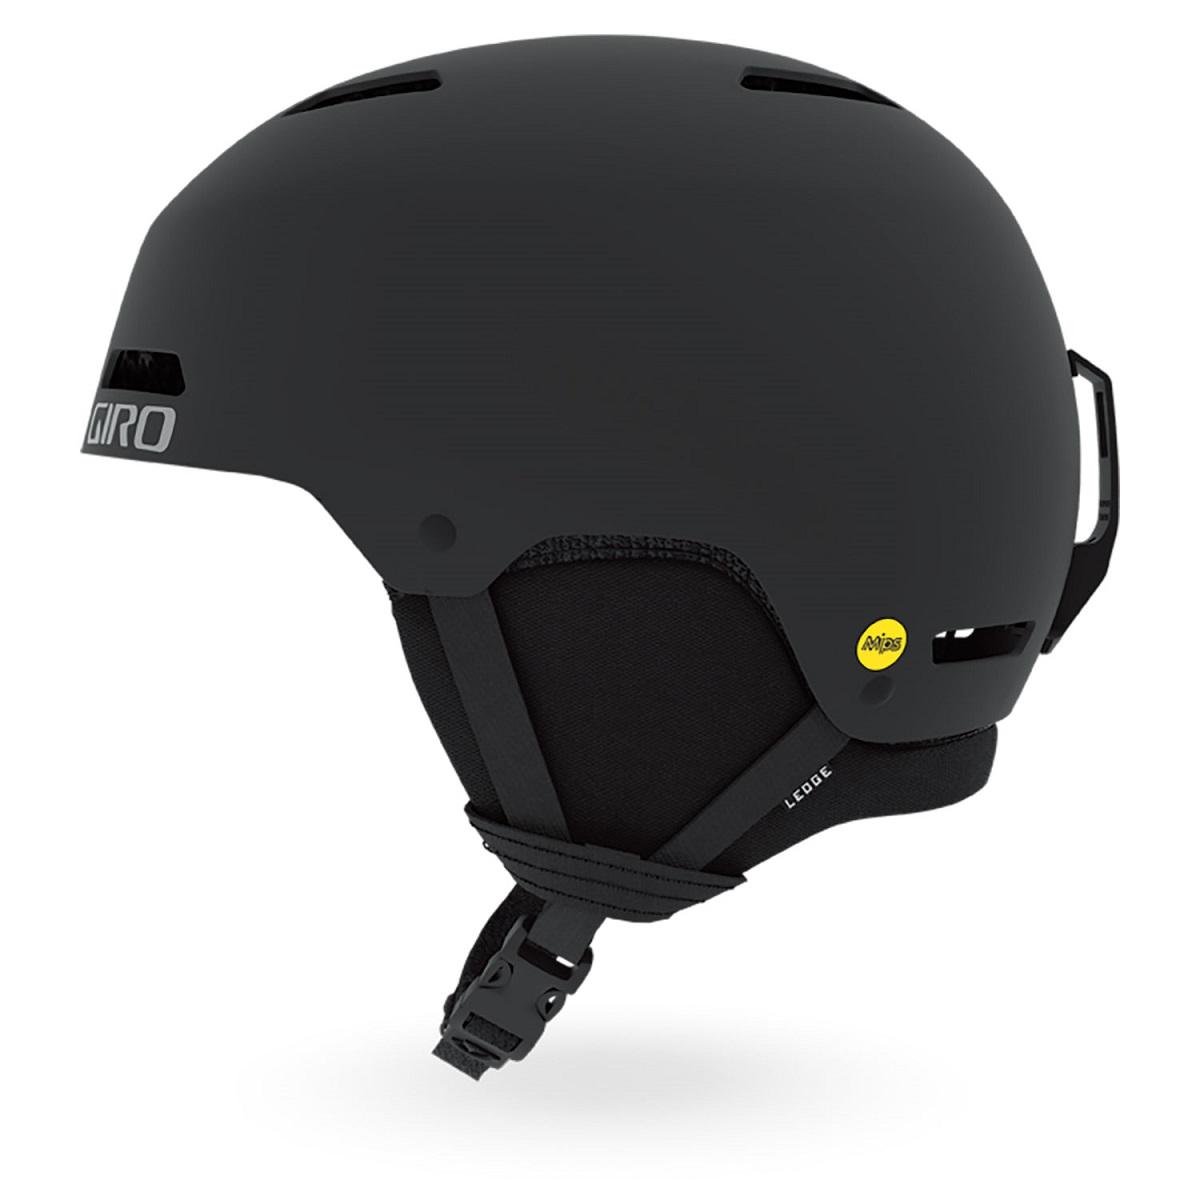 GIRO(ジロ)2020 LEDGE MIPS レッジ ミップス マットブラック M L スキー ヘルメット バックカントリー スノーボード